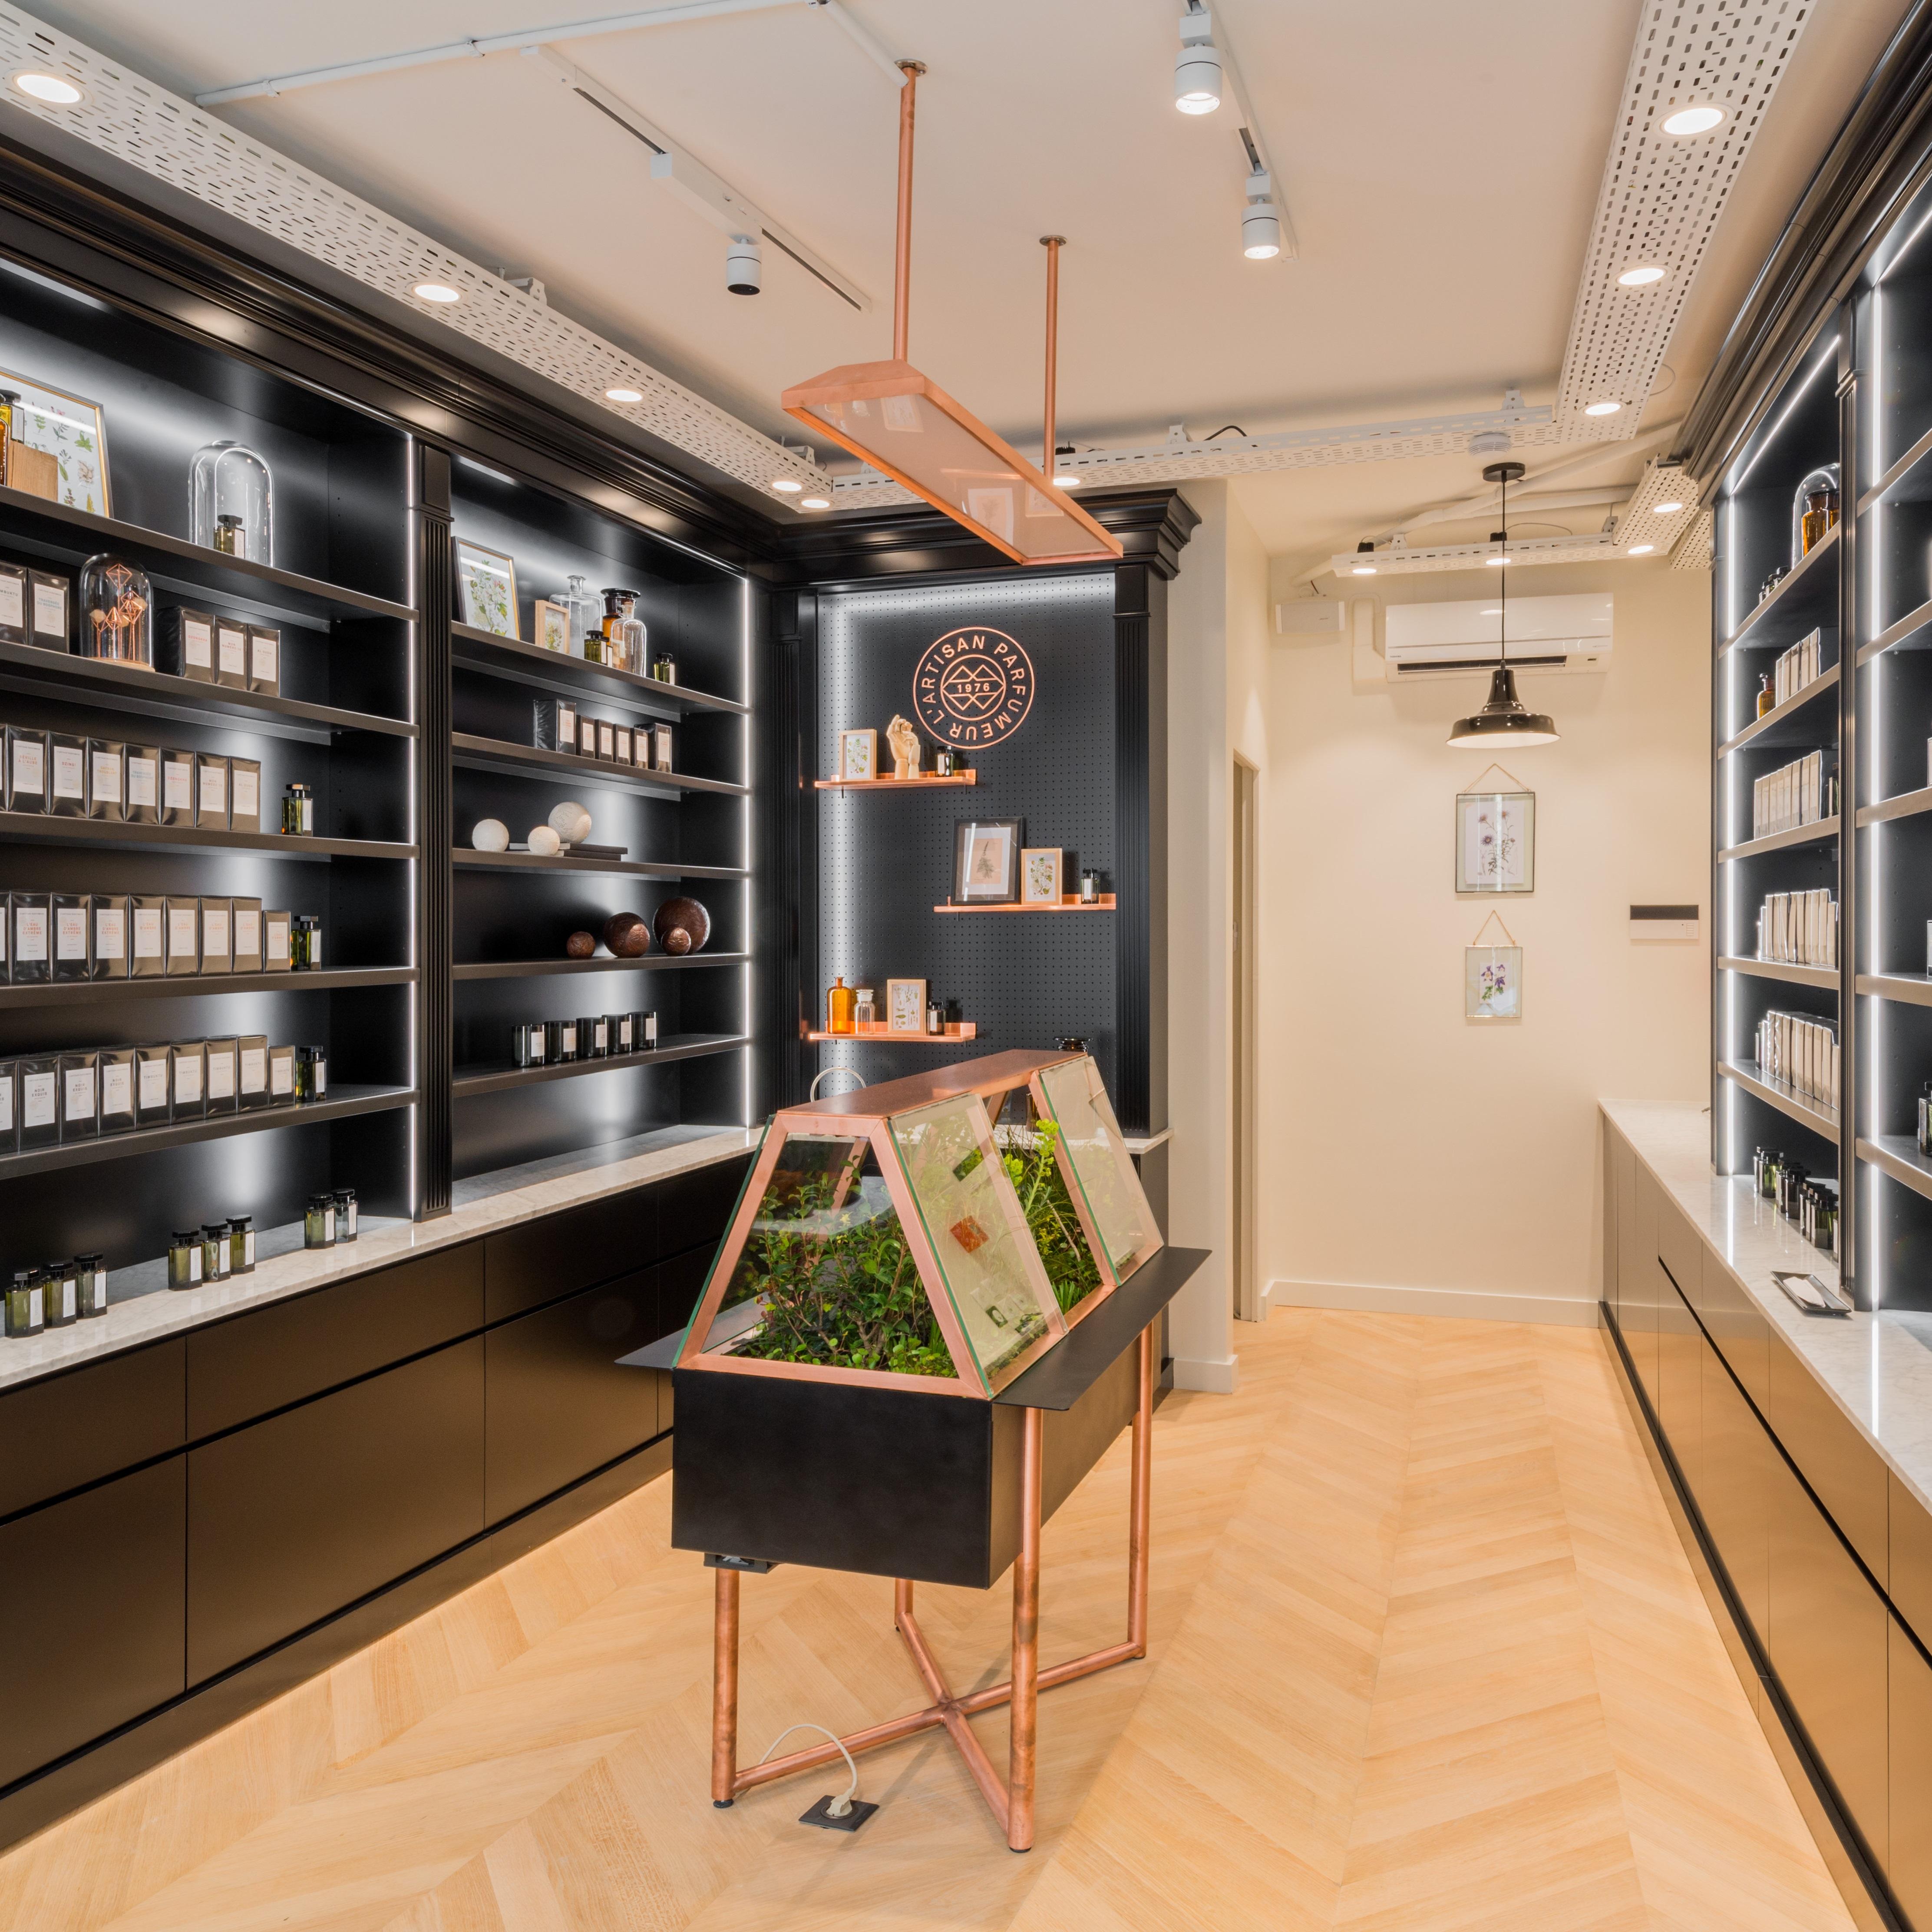 l 39 artisan parfumeur marais paris parfumerie de niche auparfum. Black Bedroom Furniture Sets. Home Design Ideas